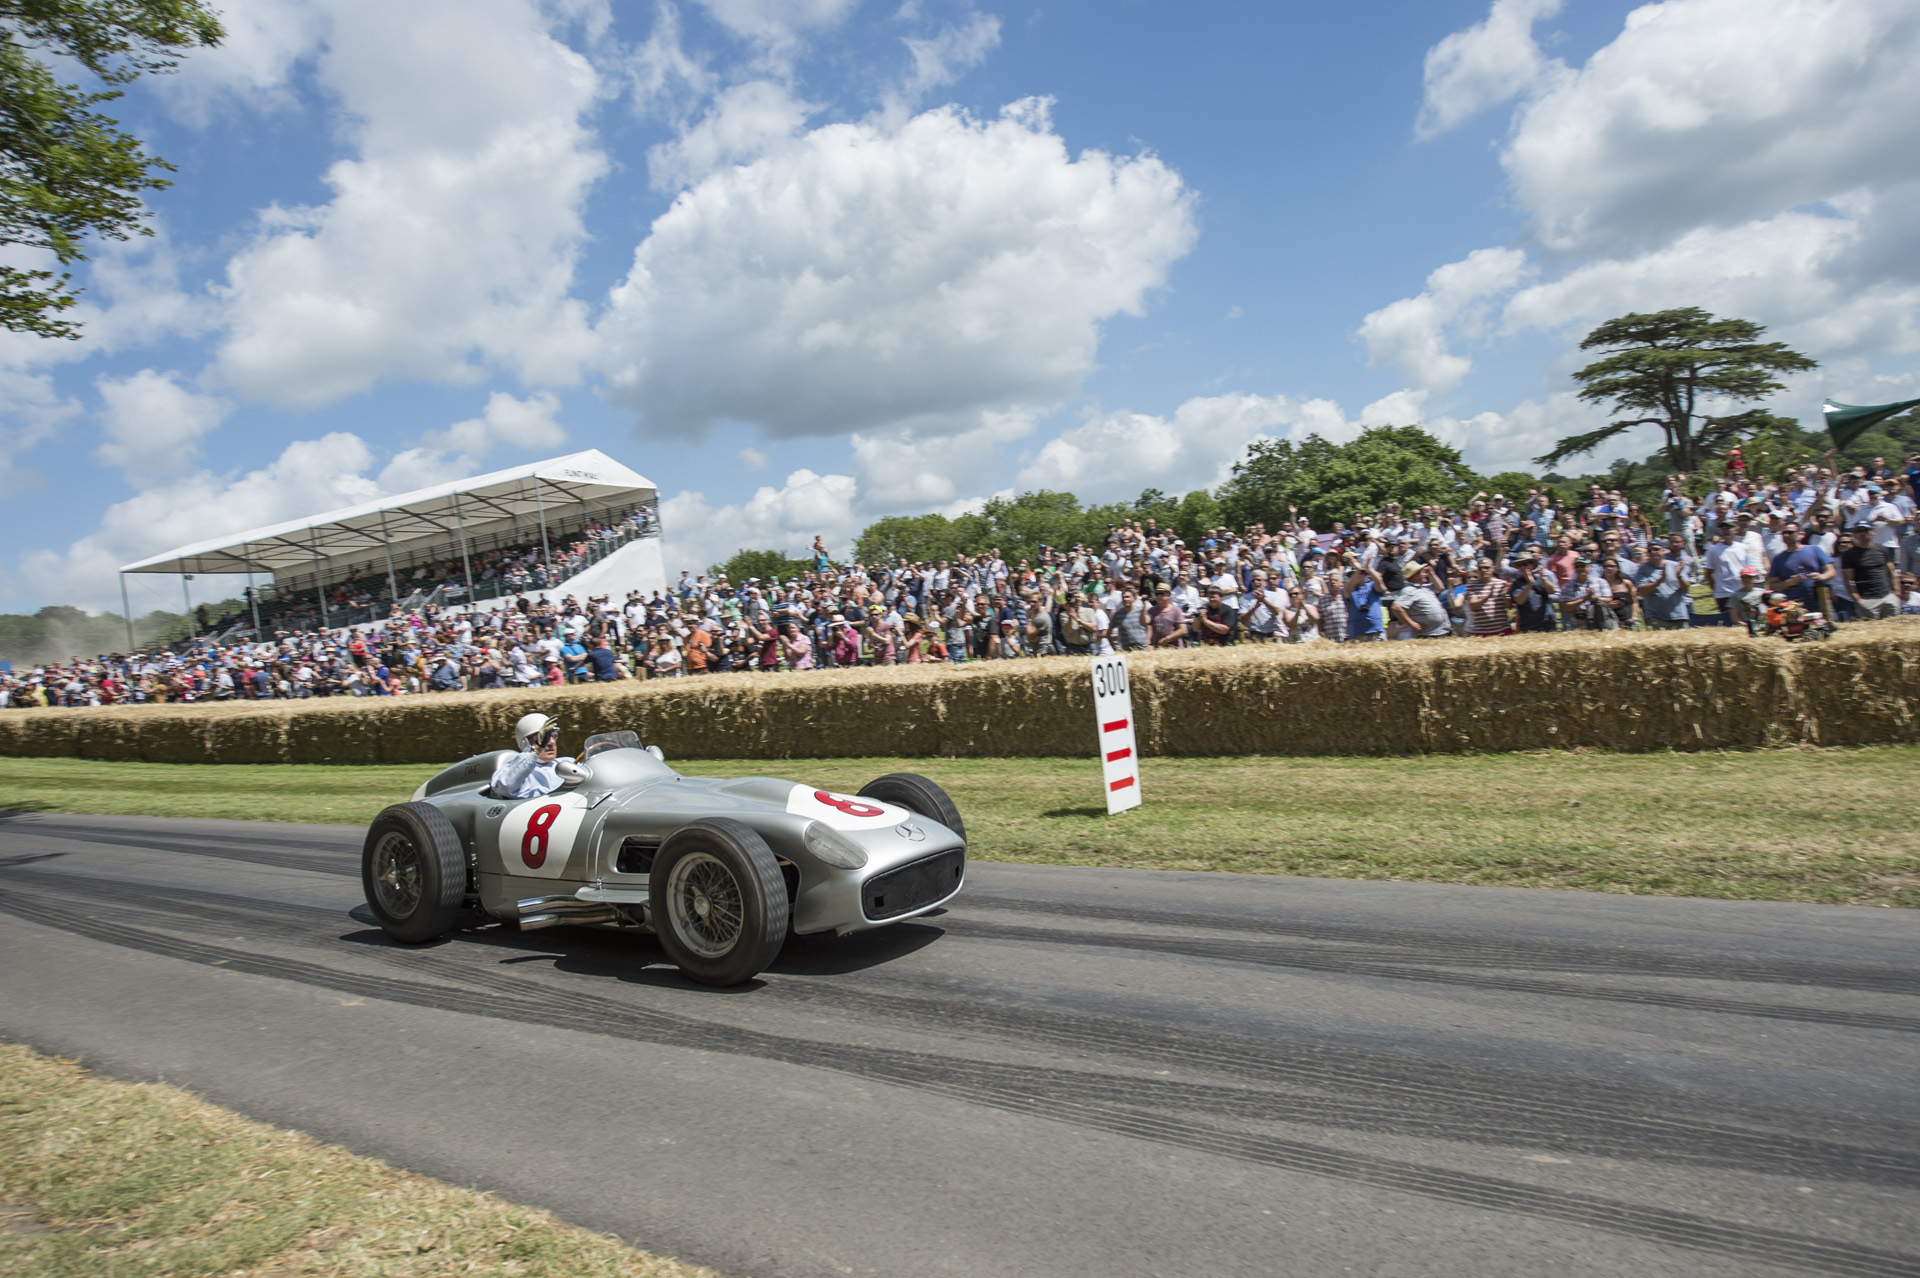 Sir Stirling Moss (17. September 1929 bis 12. April 2020) im Silberpfeil Mercedes-Benz W 196 R beim Goodwood Festival of Speed 2015.